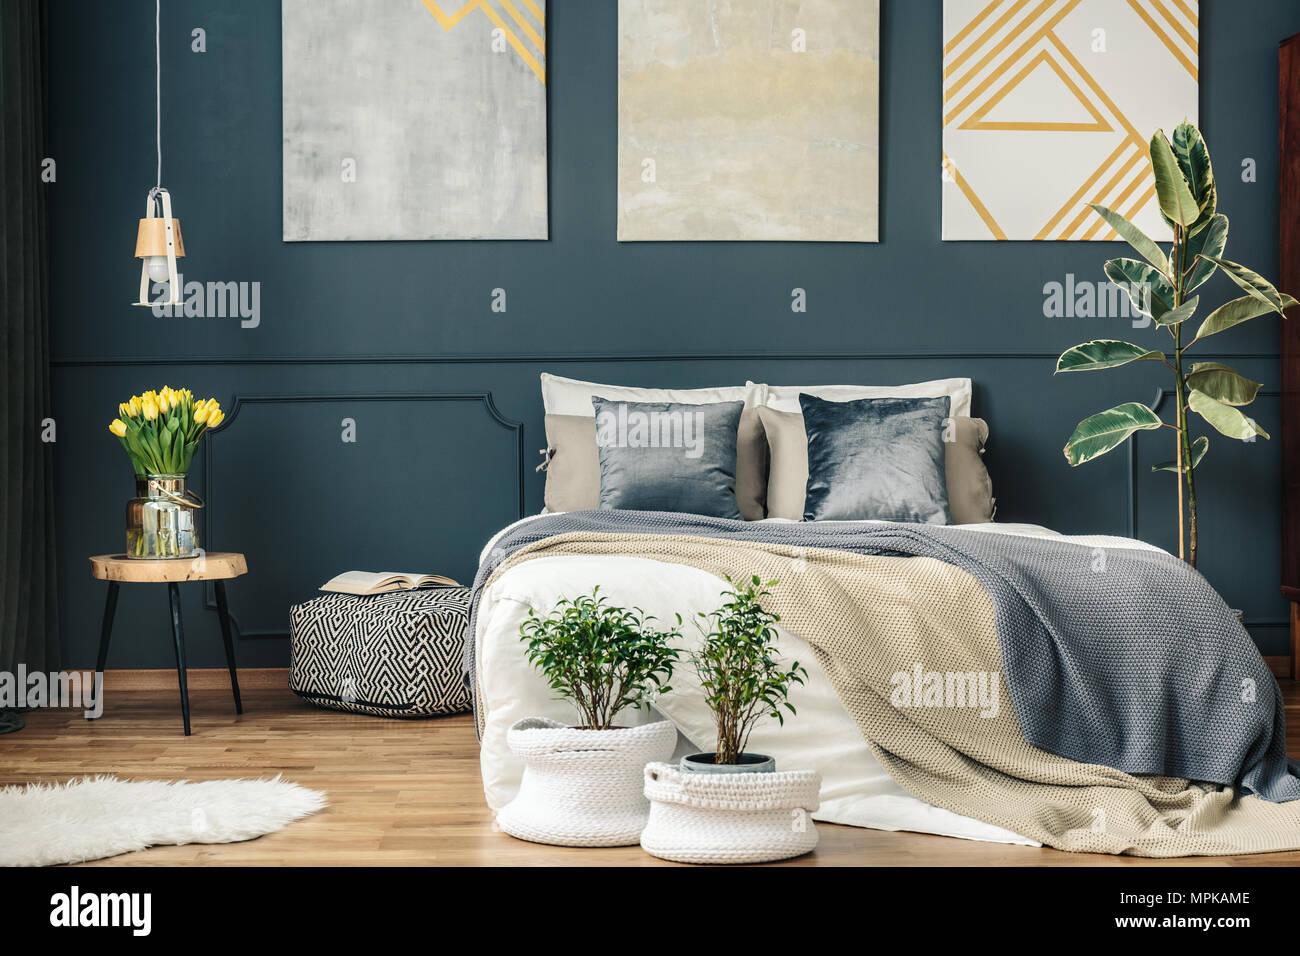 Großes, Gemütliches Bett Unter Poster Auf Dunklen Wand Mit Spritzguss  Und  Unter Pflanzen Im Schlafzimmer Innenraum